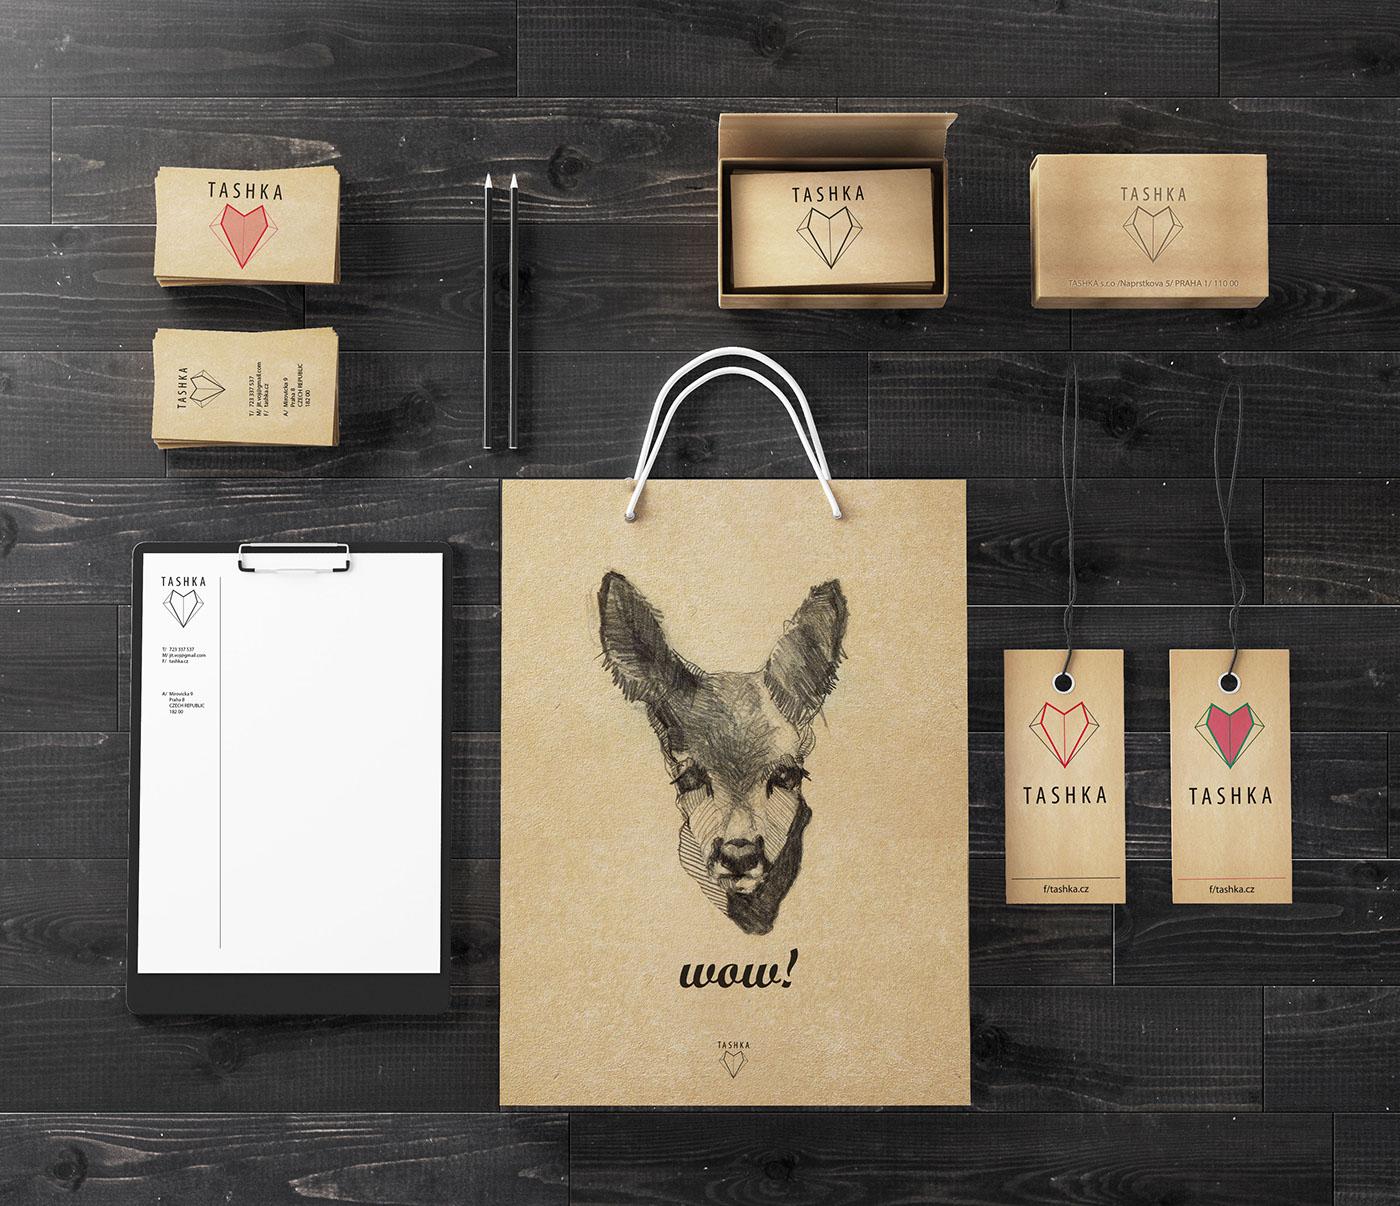 有創意感的47張手提袋欣賞